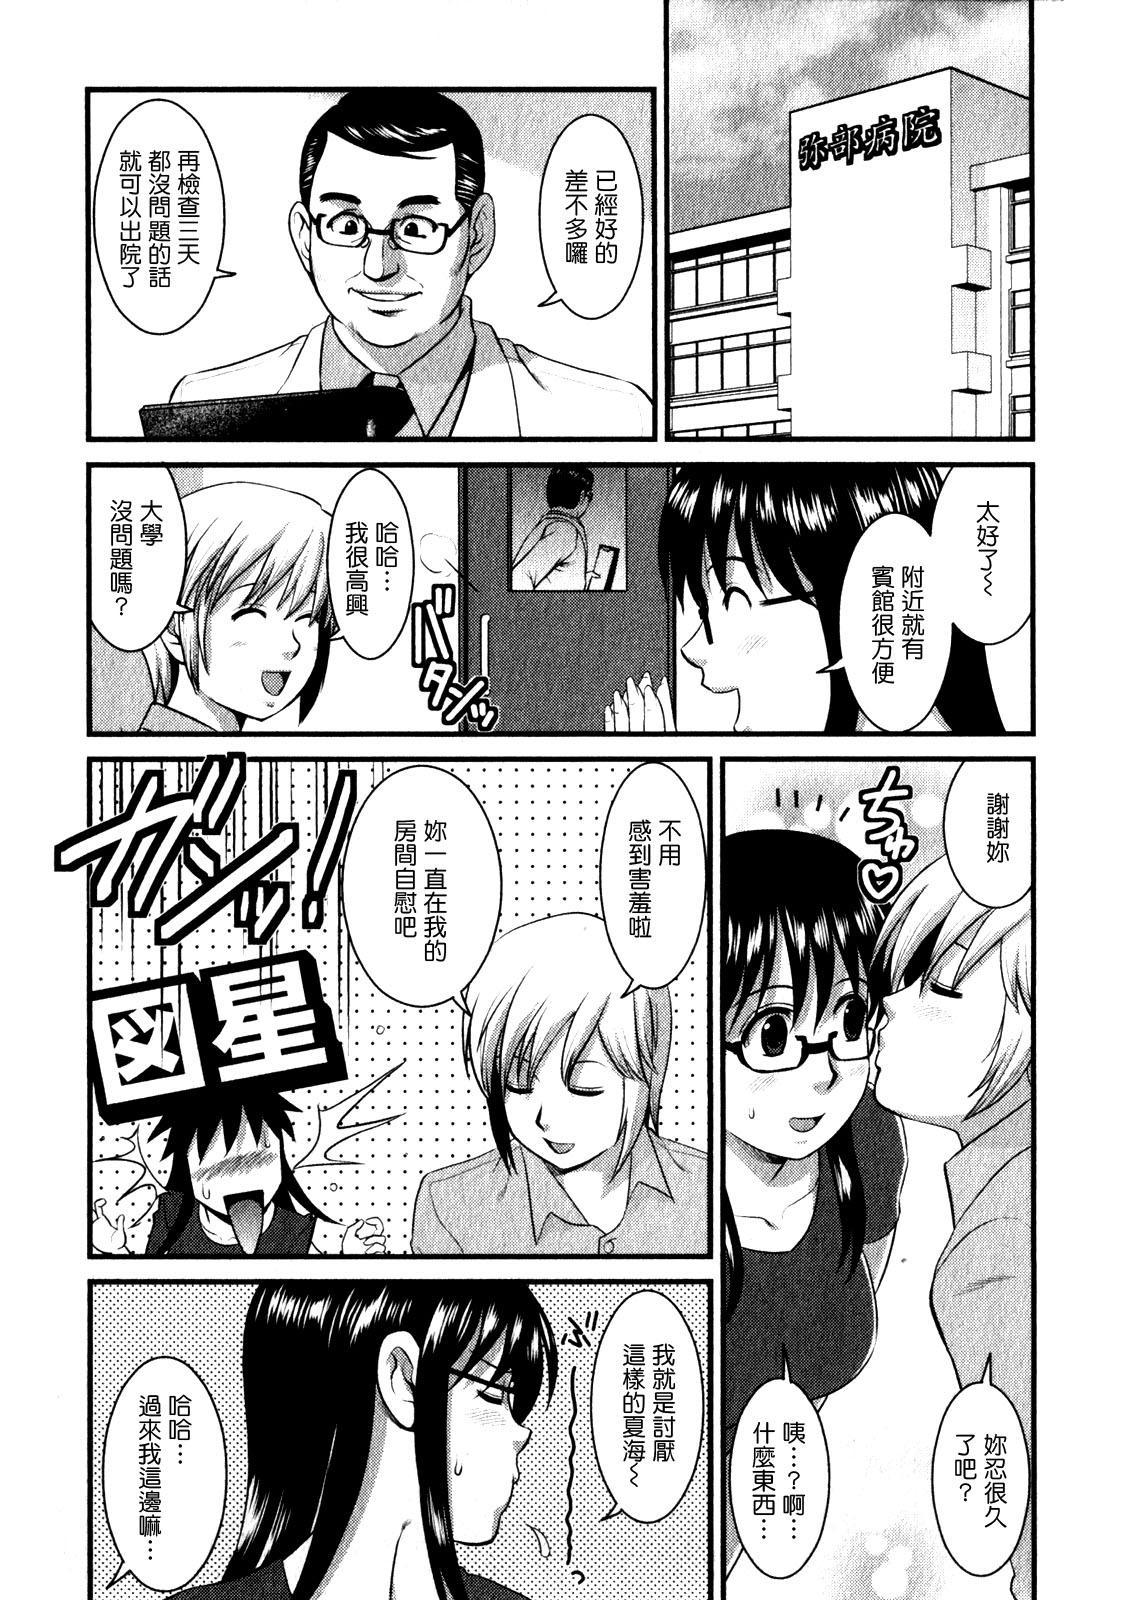 Otaku no Megami-san 1 180